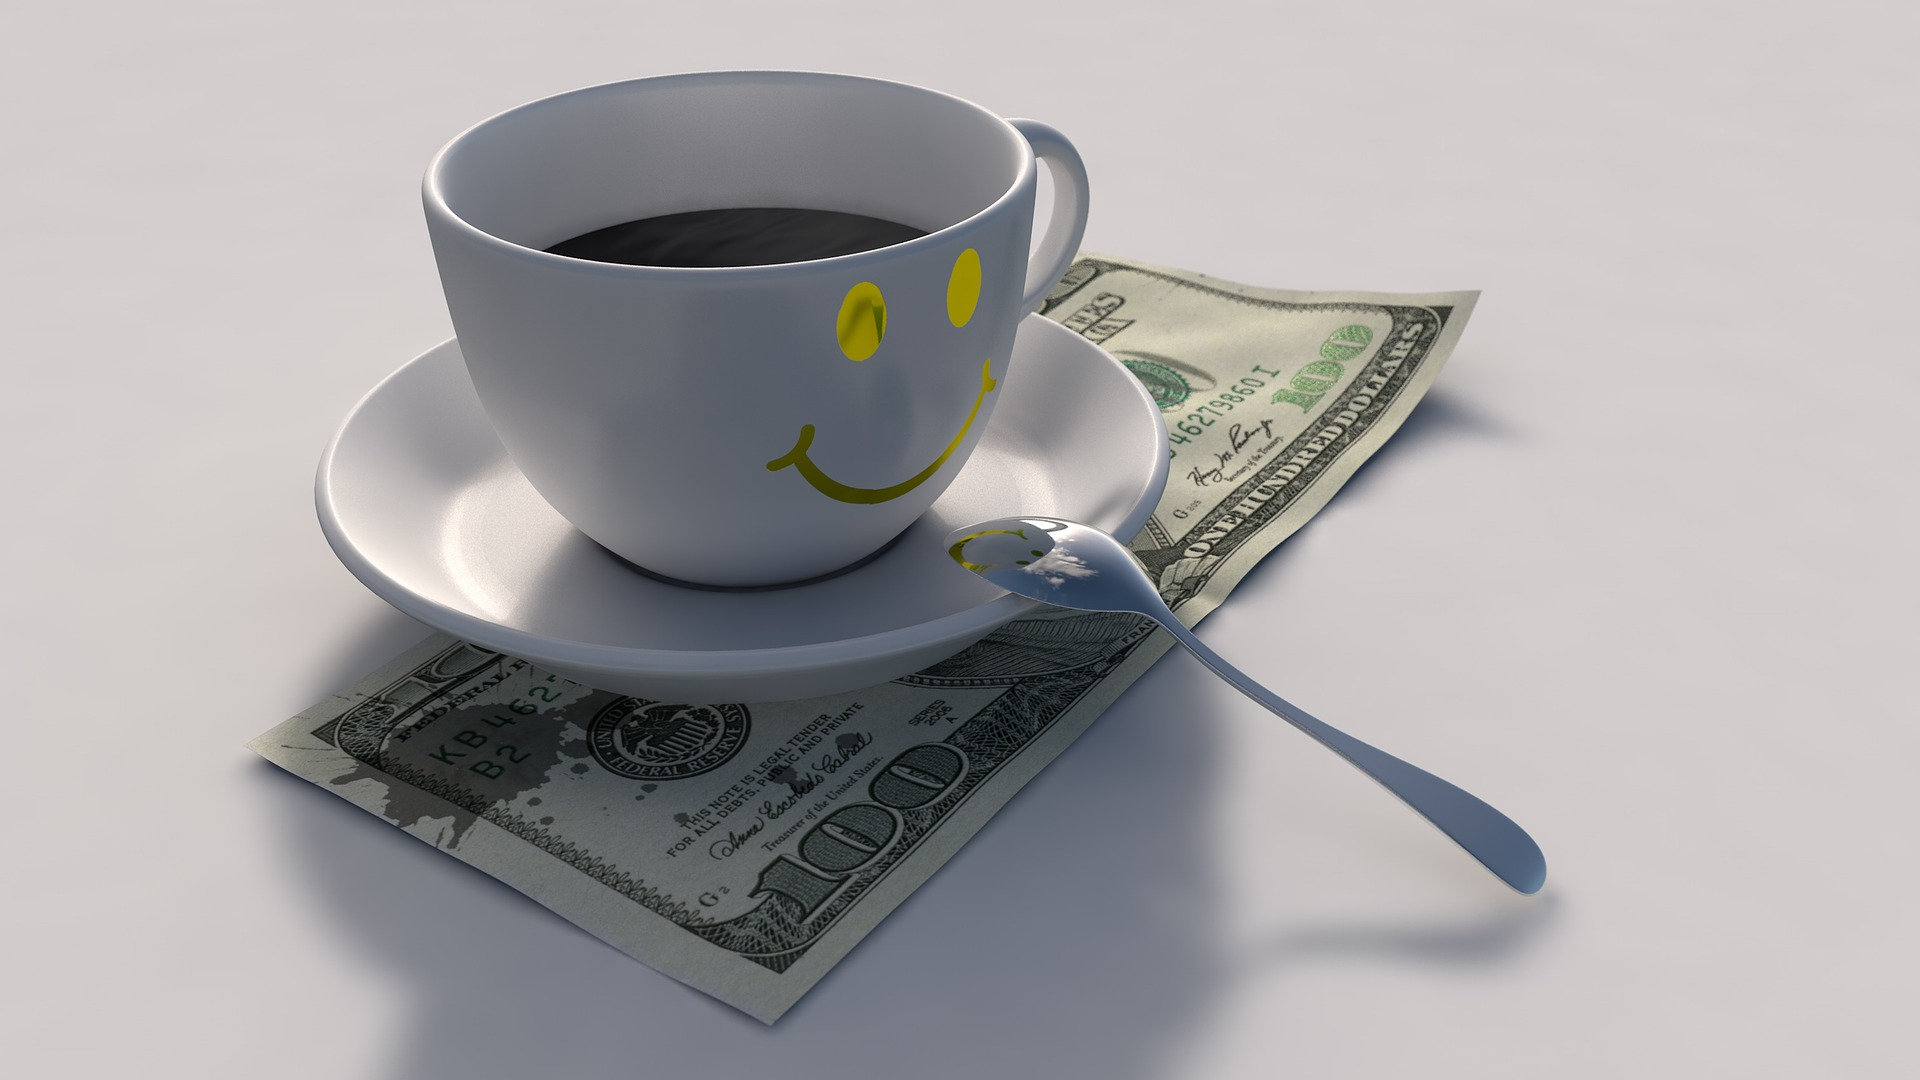 Seu cafezinho vale 125 mil: a surpreendente verdade sobre economizar dinheiro com pequenos gastos.